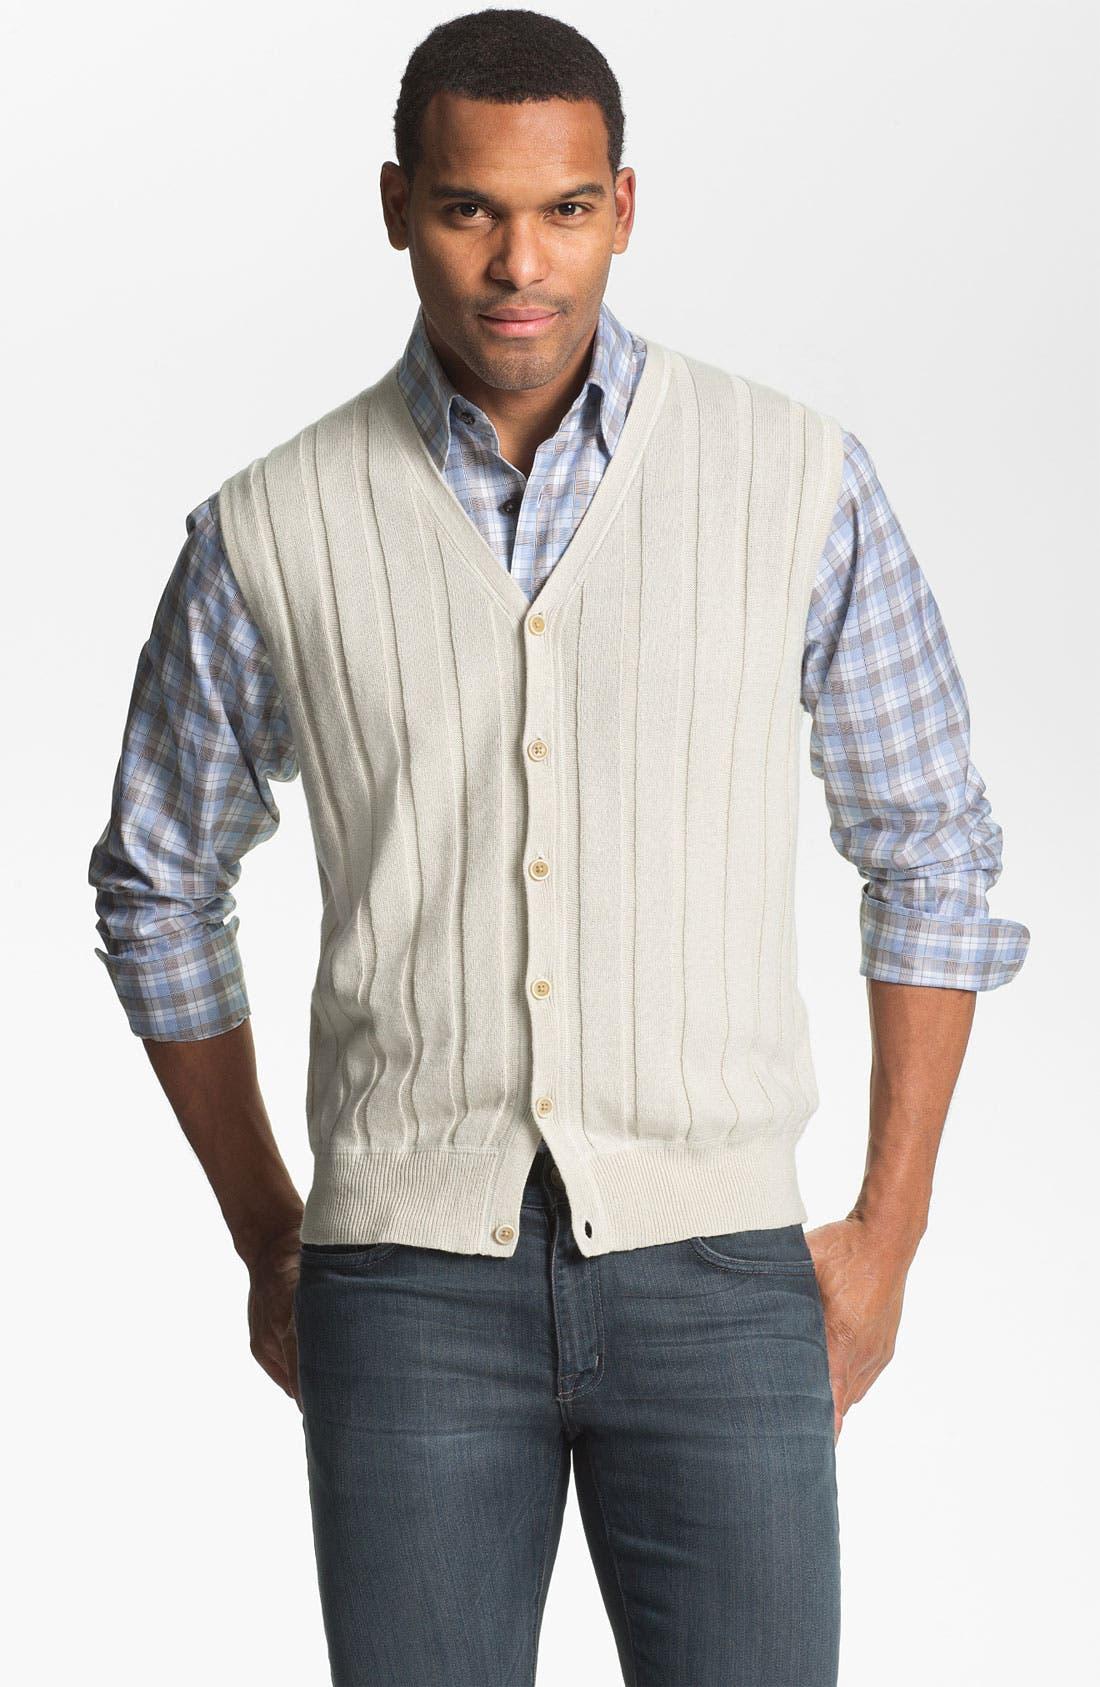 Main Image - Robert Talbott Linen & Cotton Sweater Vest